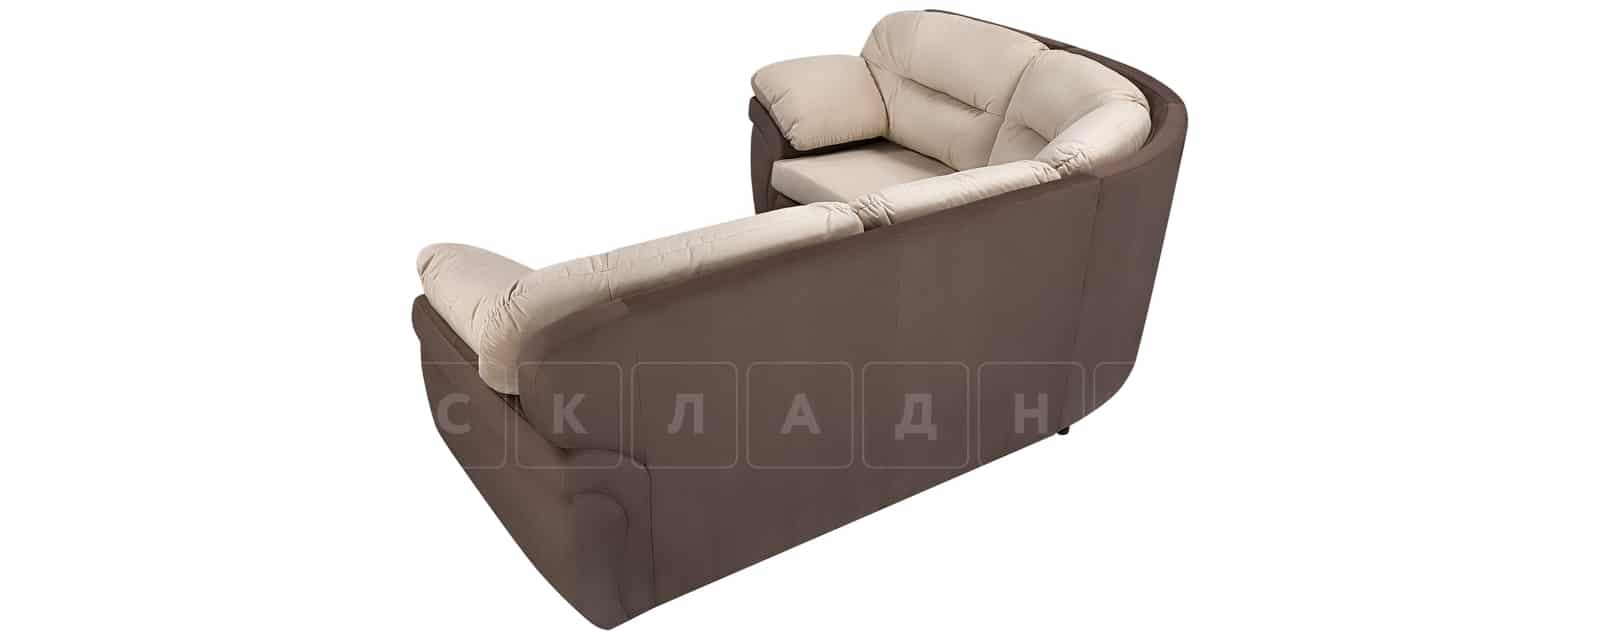 Диван угловой Бристоль велюр бежевый с коричневым левый угол фото 3 | интернет-магазин Складно